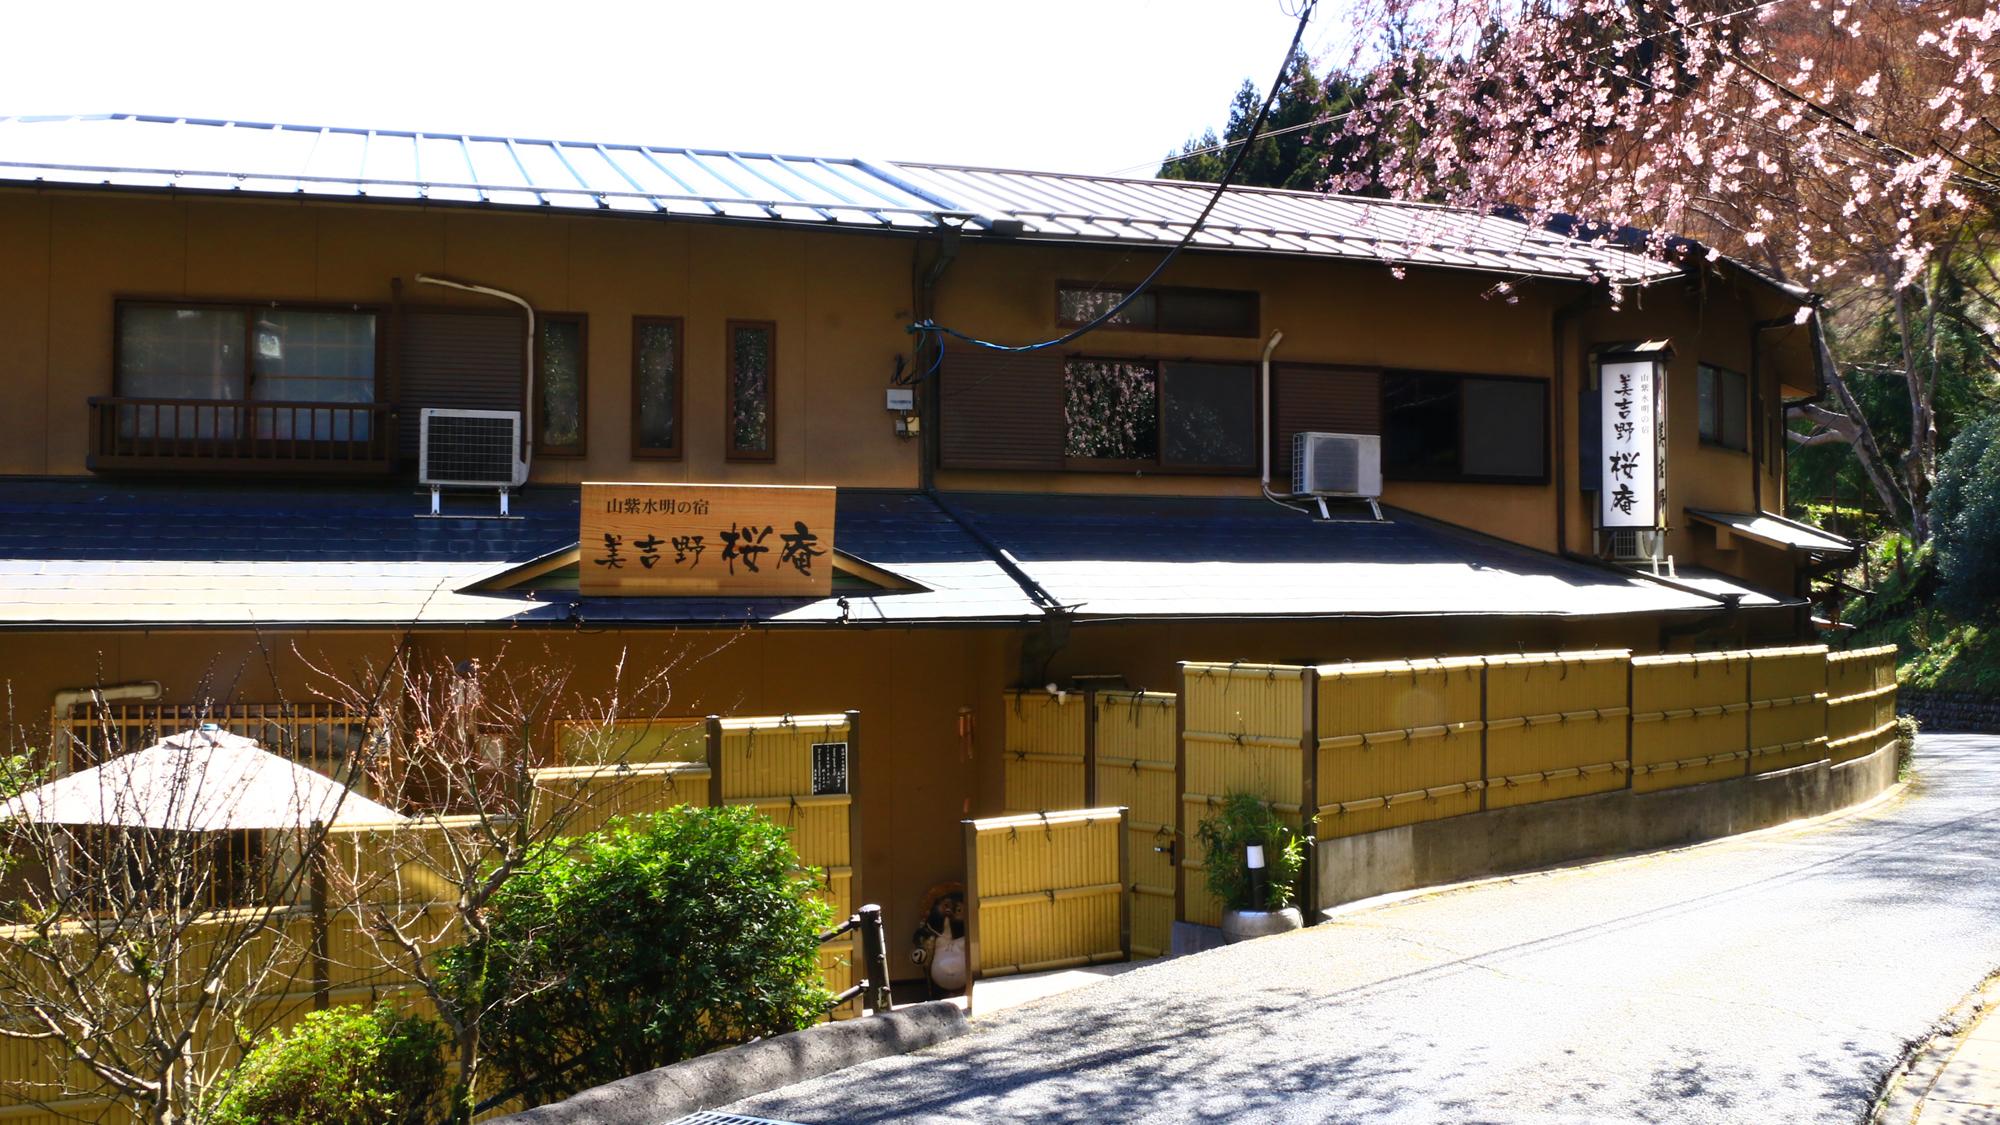 山紫水明の宿 美吉野 桜庵 image